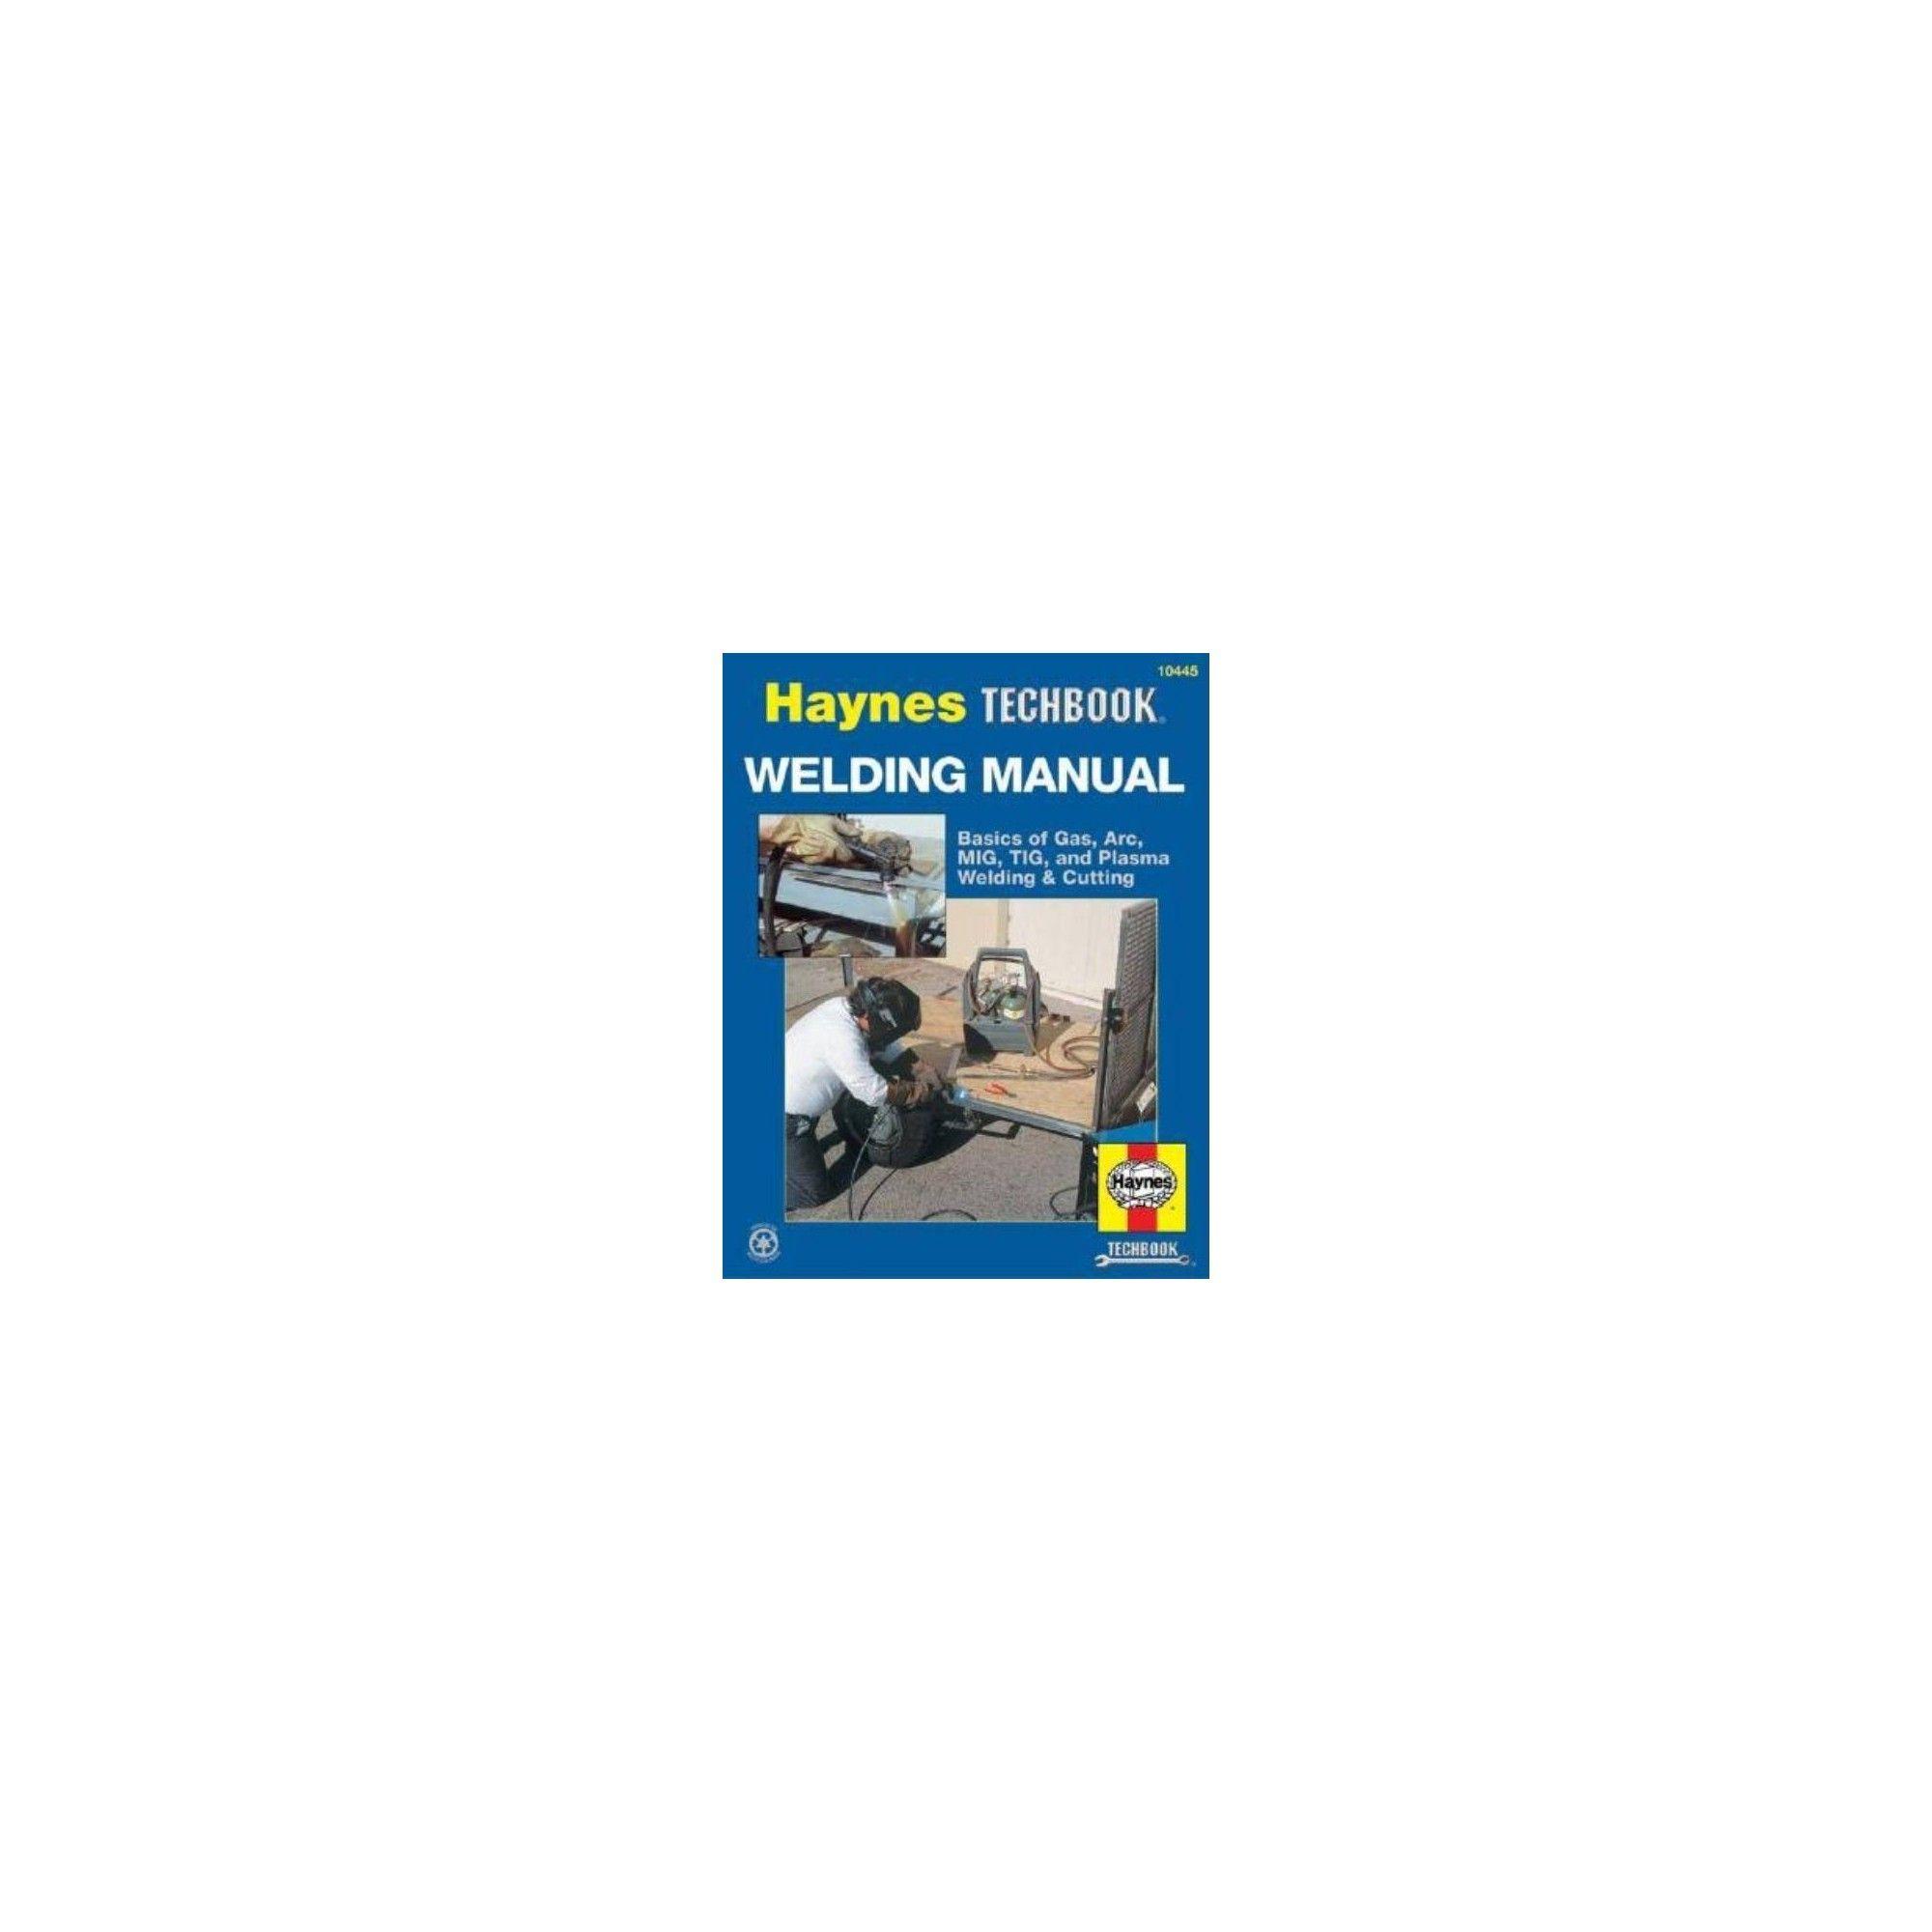 Welding handbook haynes techbook by john haynes